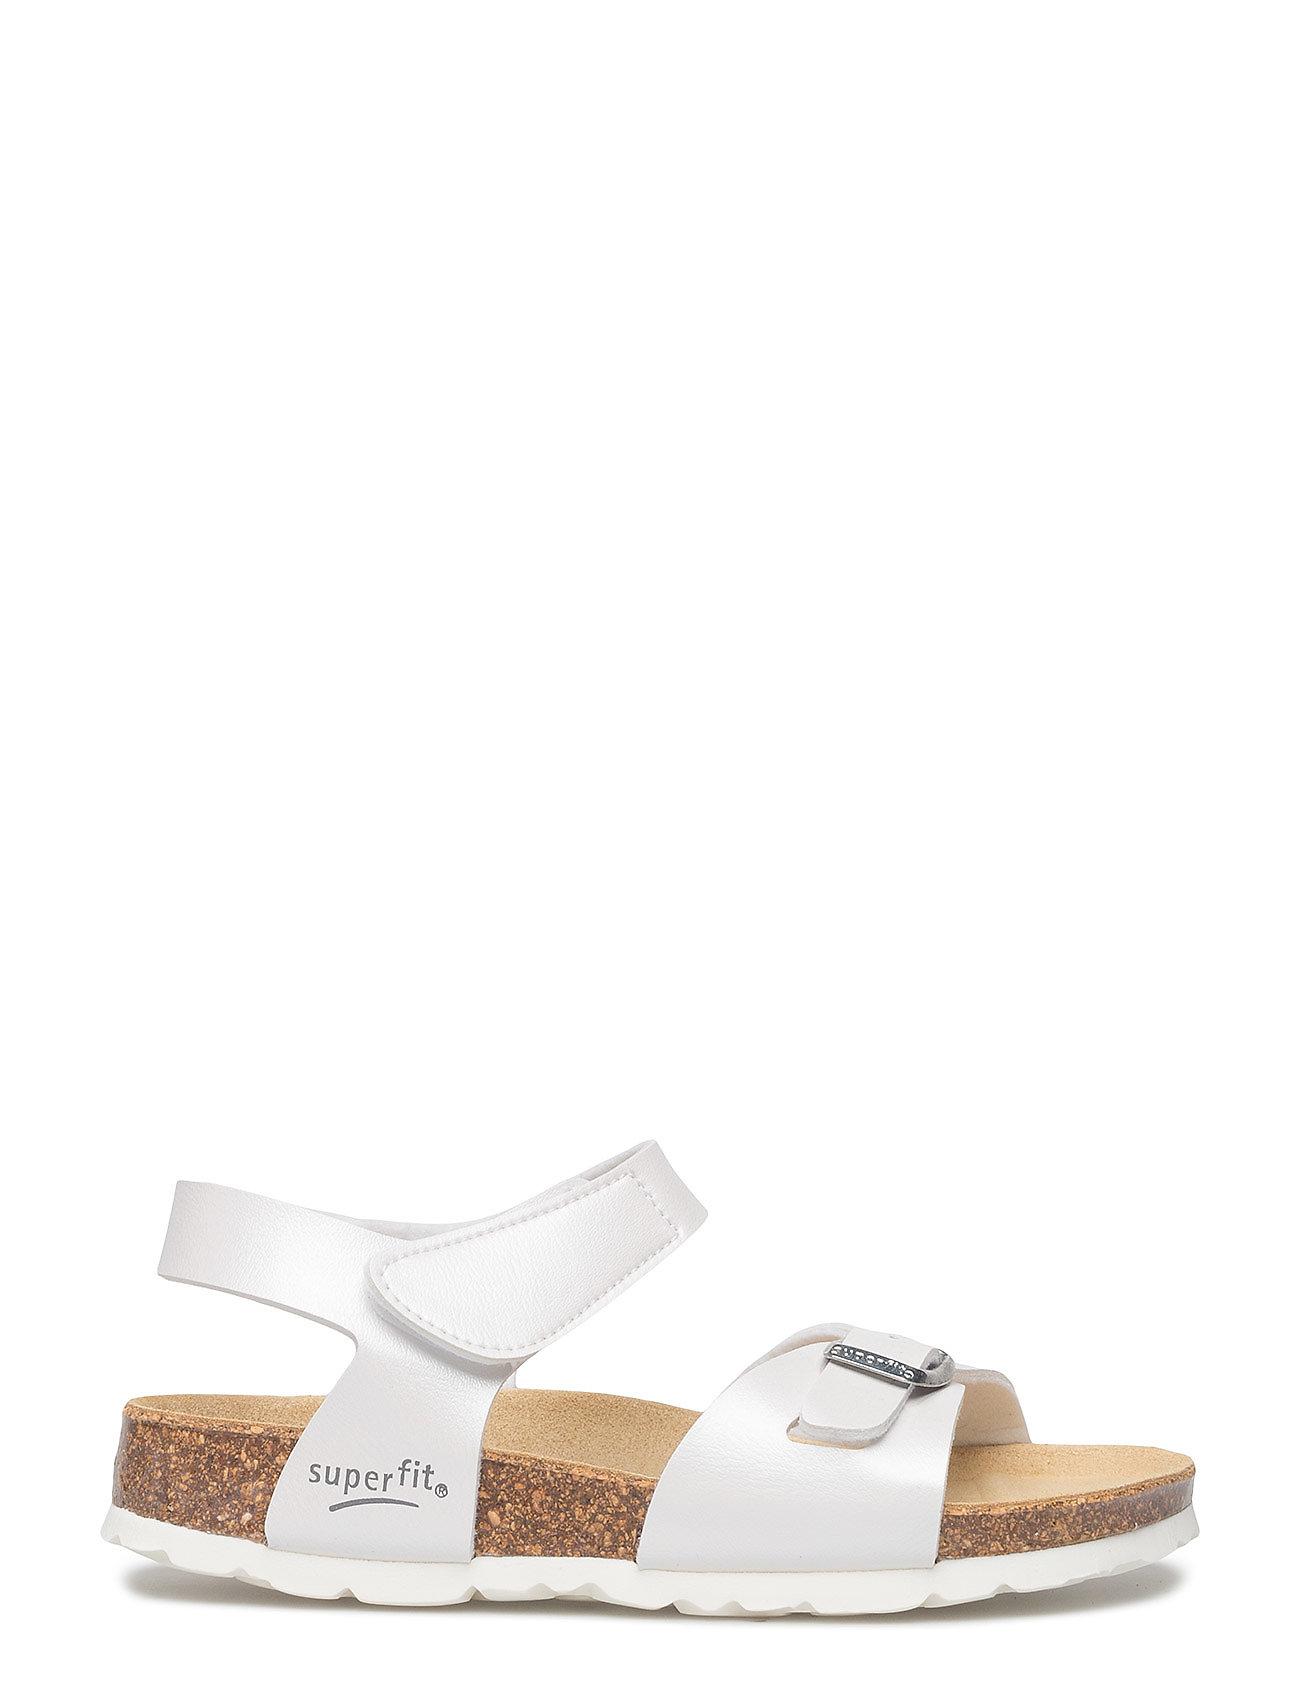 dfc48e35fb53 Superfit sandaler – Fussbettpantoffel til børn i Hvid - Pashion.dk